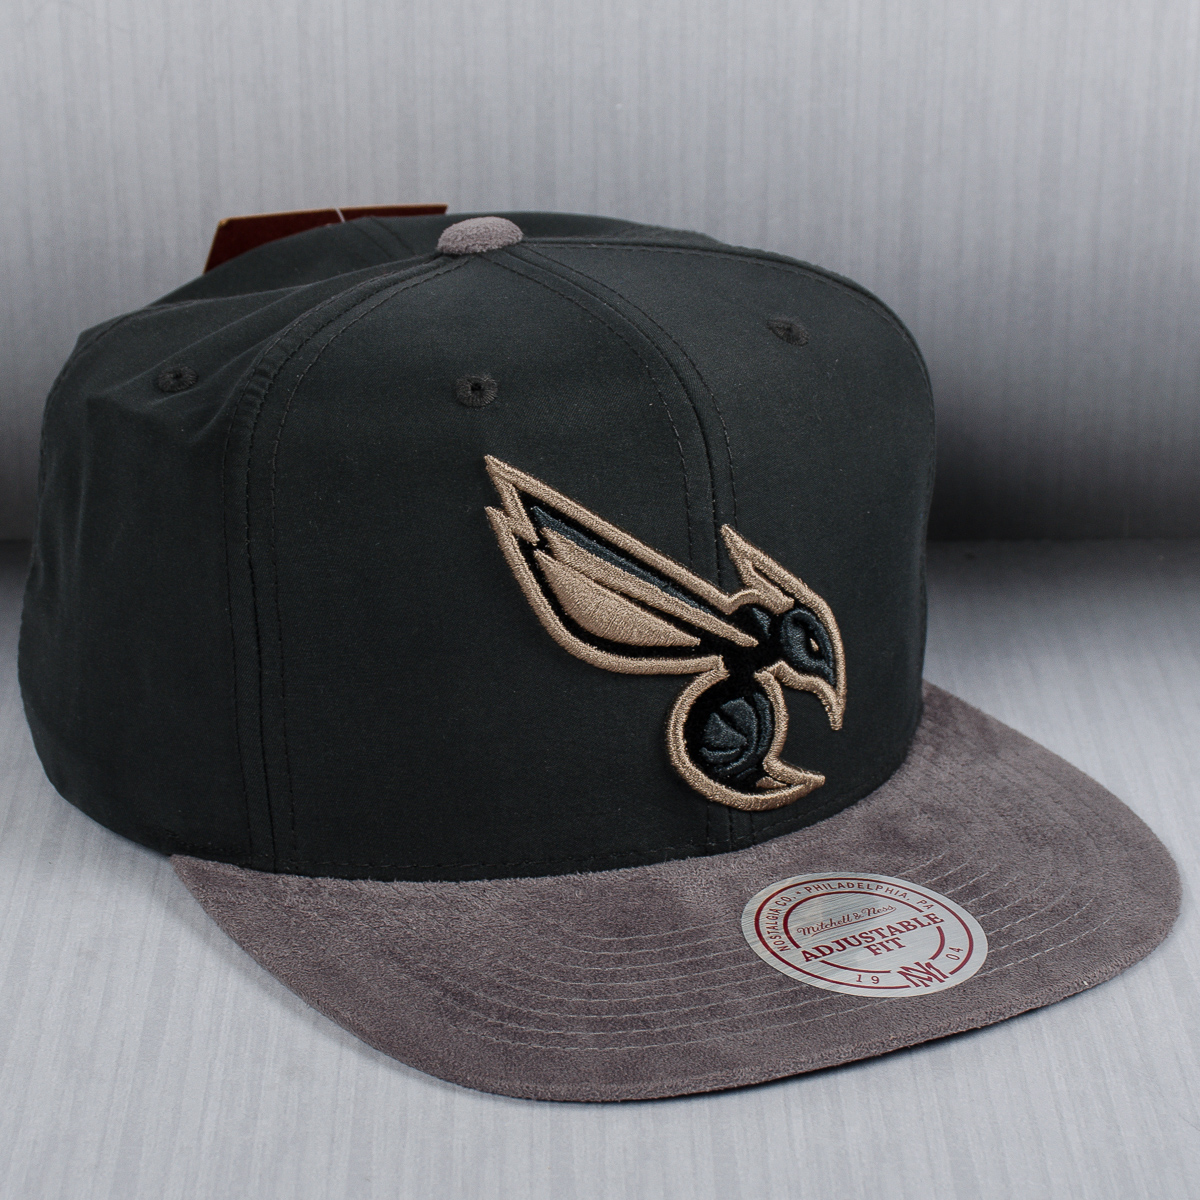 1fff218fa0e1d2 Mitchell & Ness NBA Charlotte Hornets Buttery Snapback Cap - NBA Shop Charlotte  Hornets Merchandise - Superfanas.lt